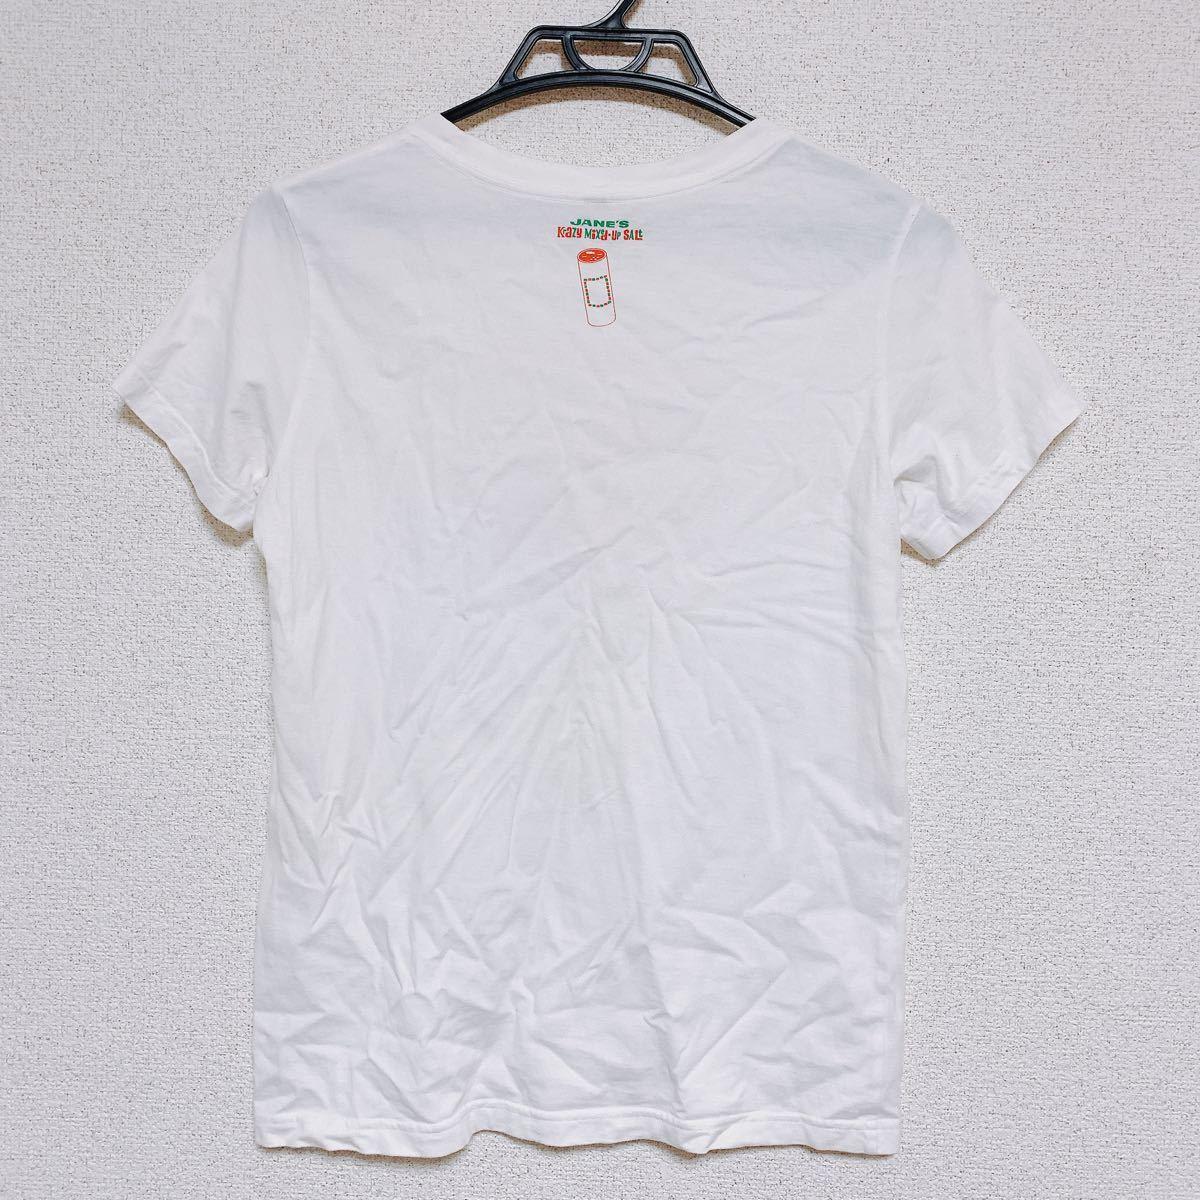 ユニクロ 半袖 Tシャツ カットソー  ホワイト 白